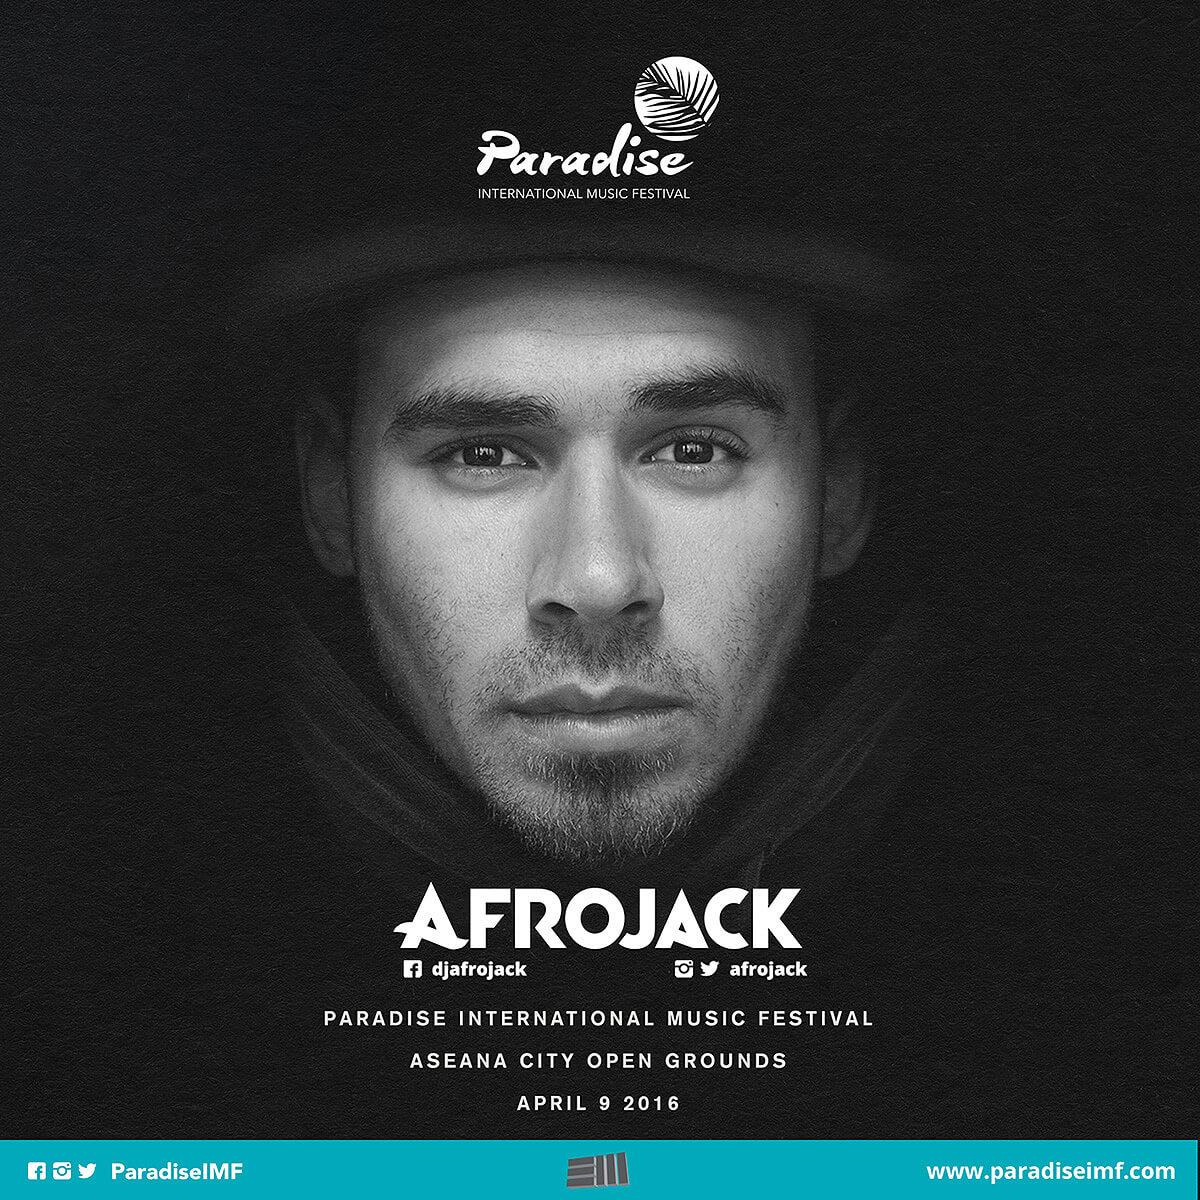 Paradise Afrojack